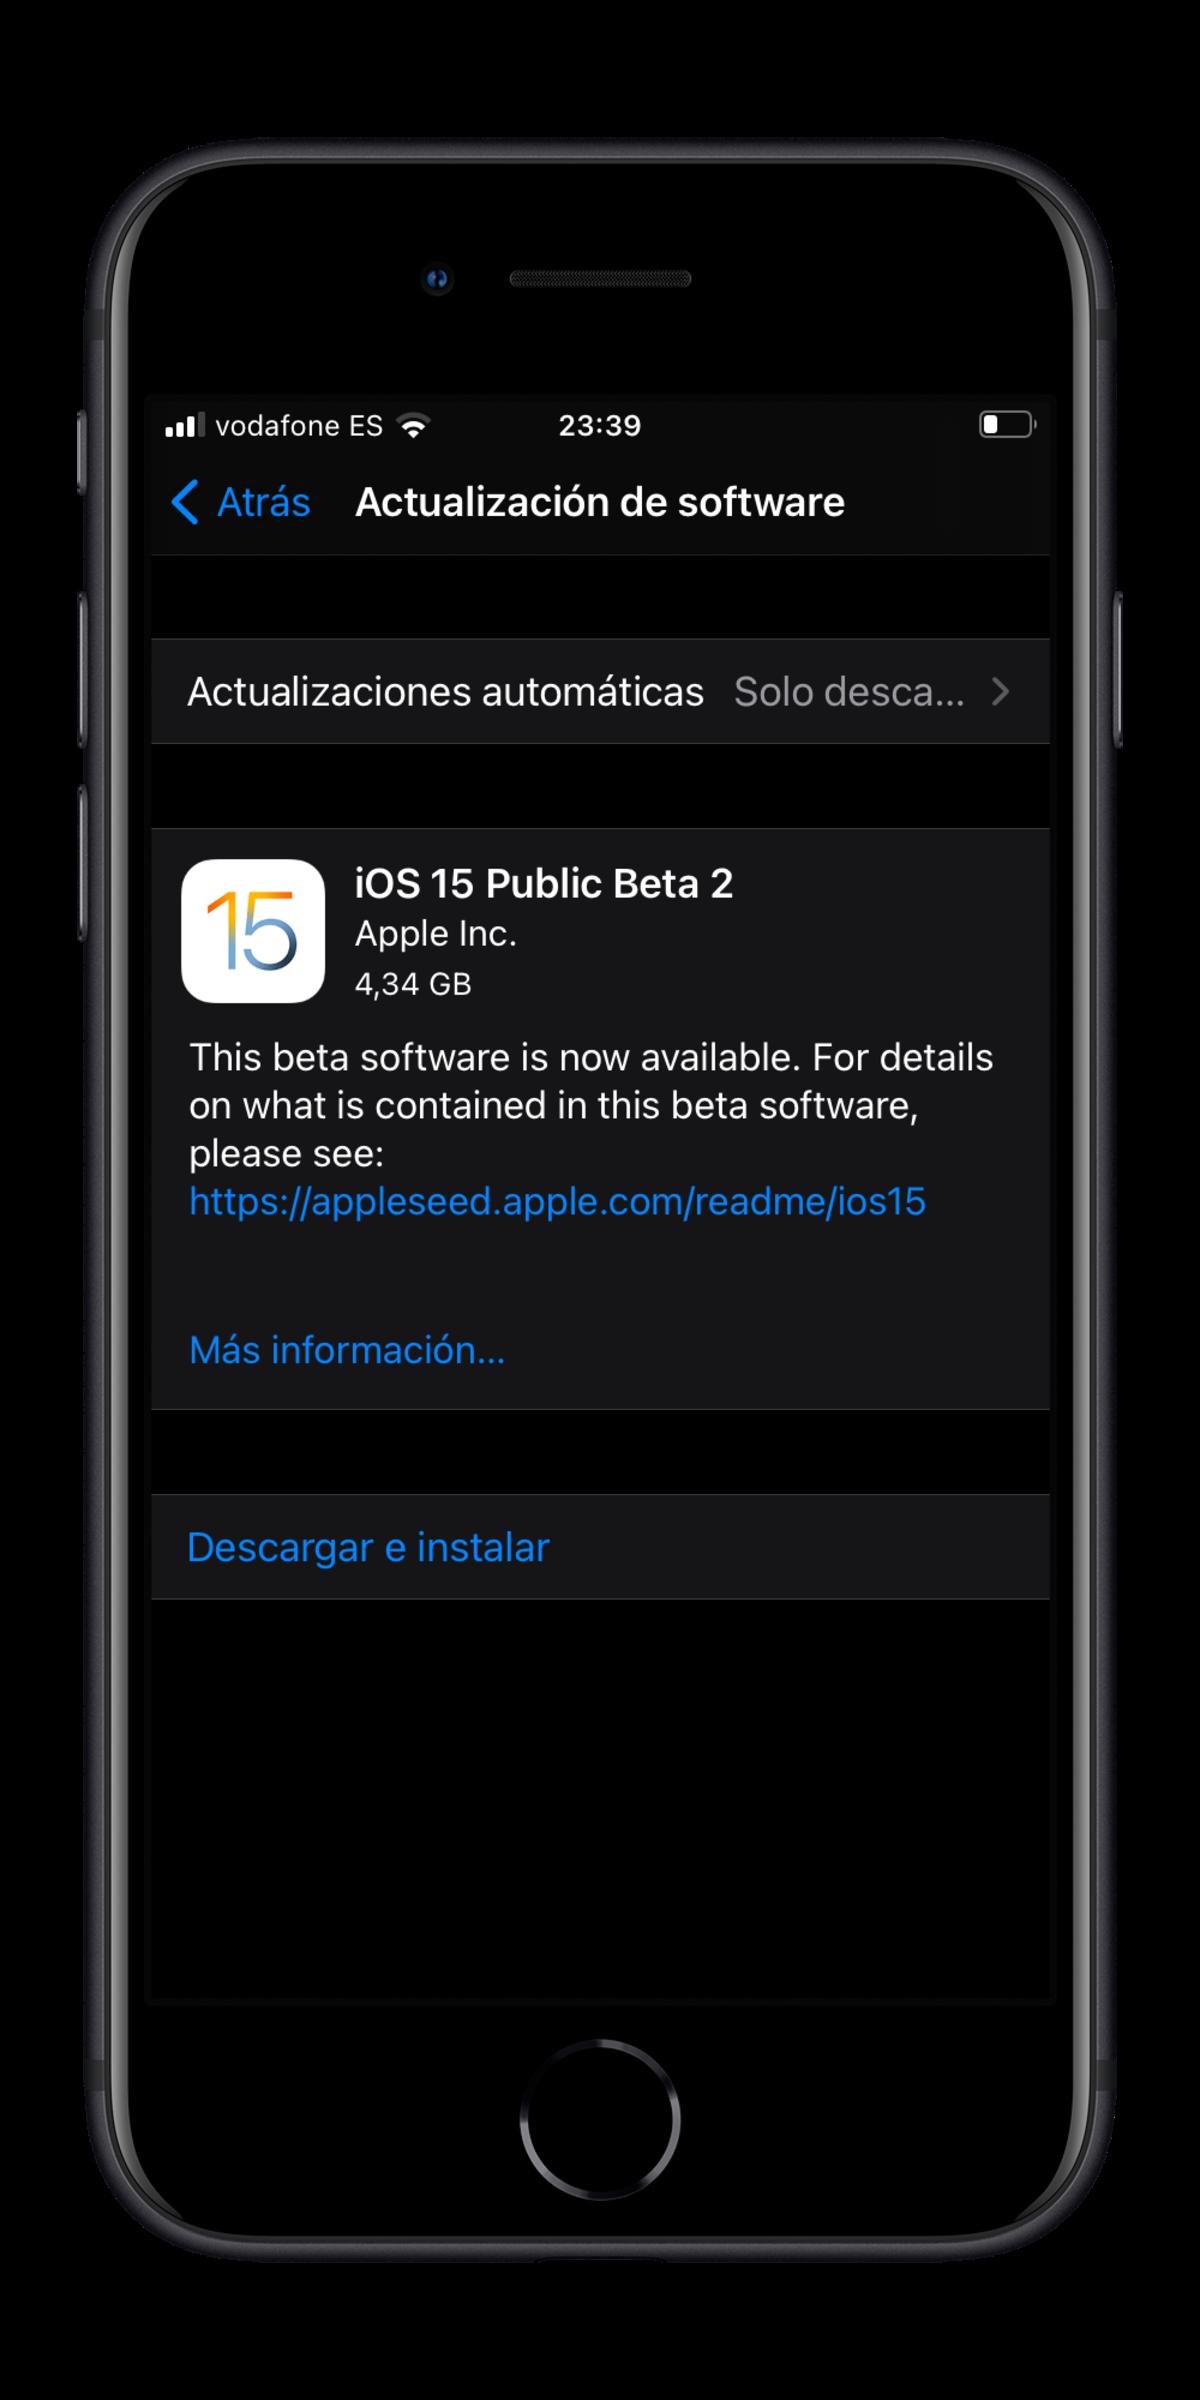 Instalar beta pública de iOS 15 en iPhone o iPod touch